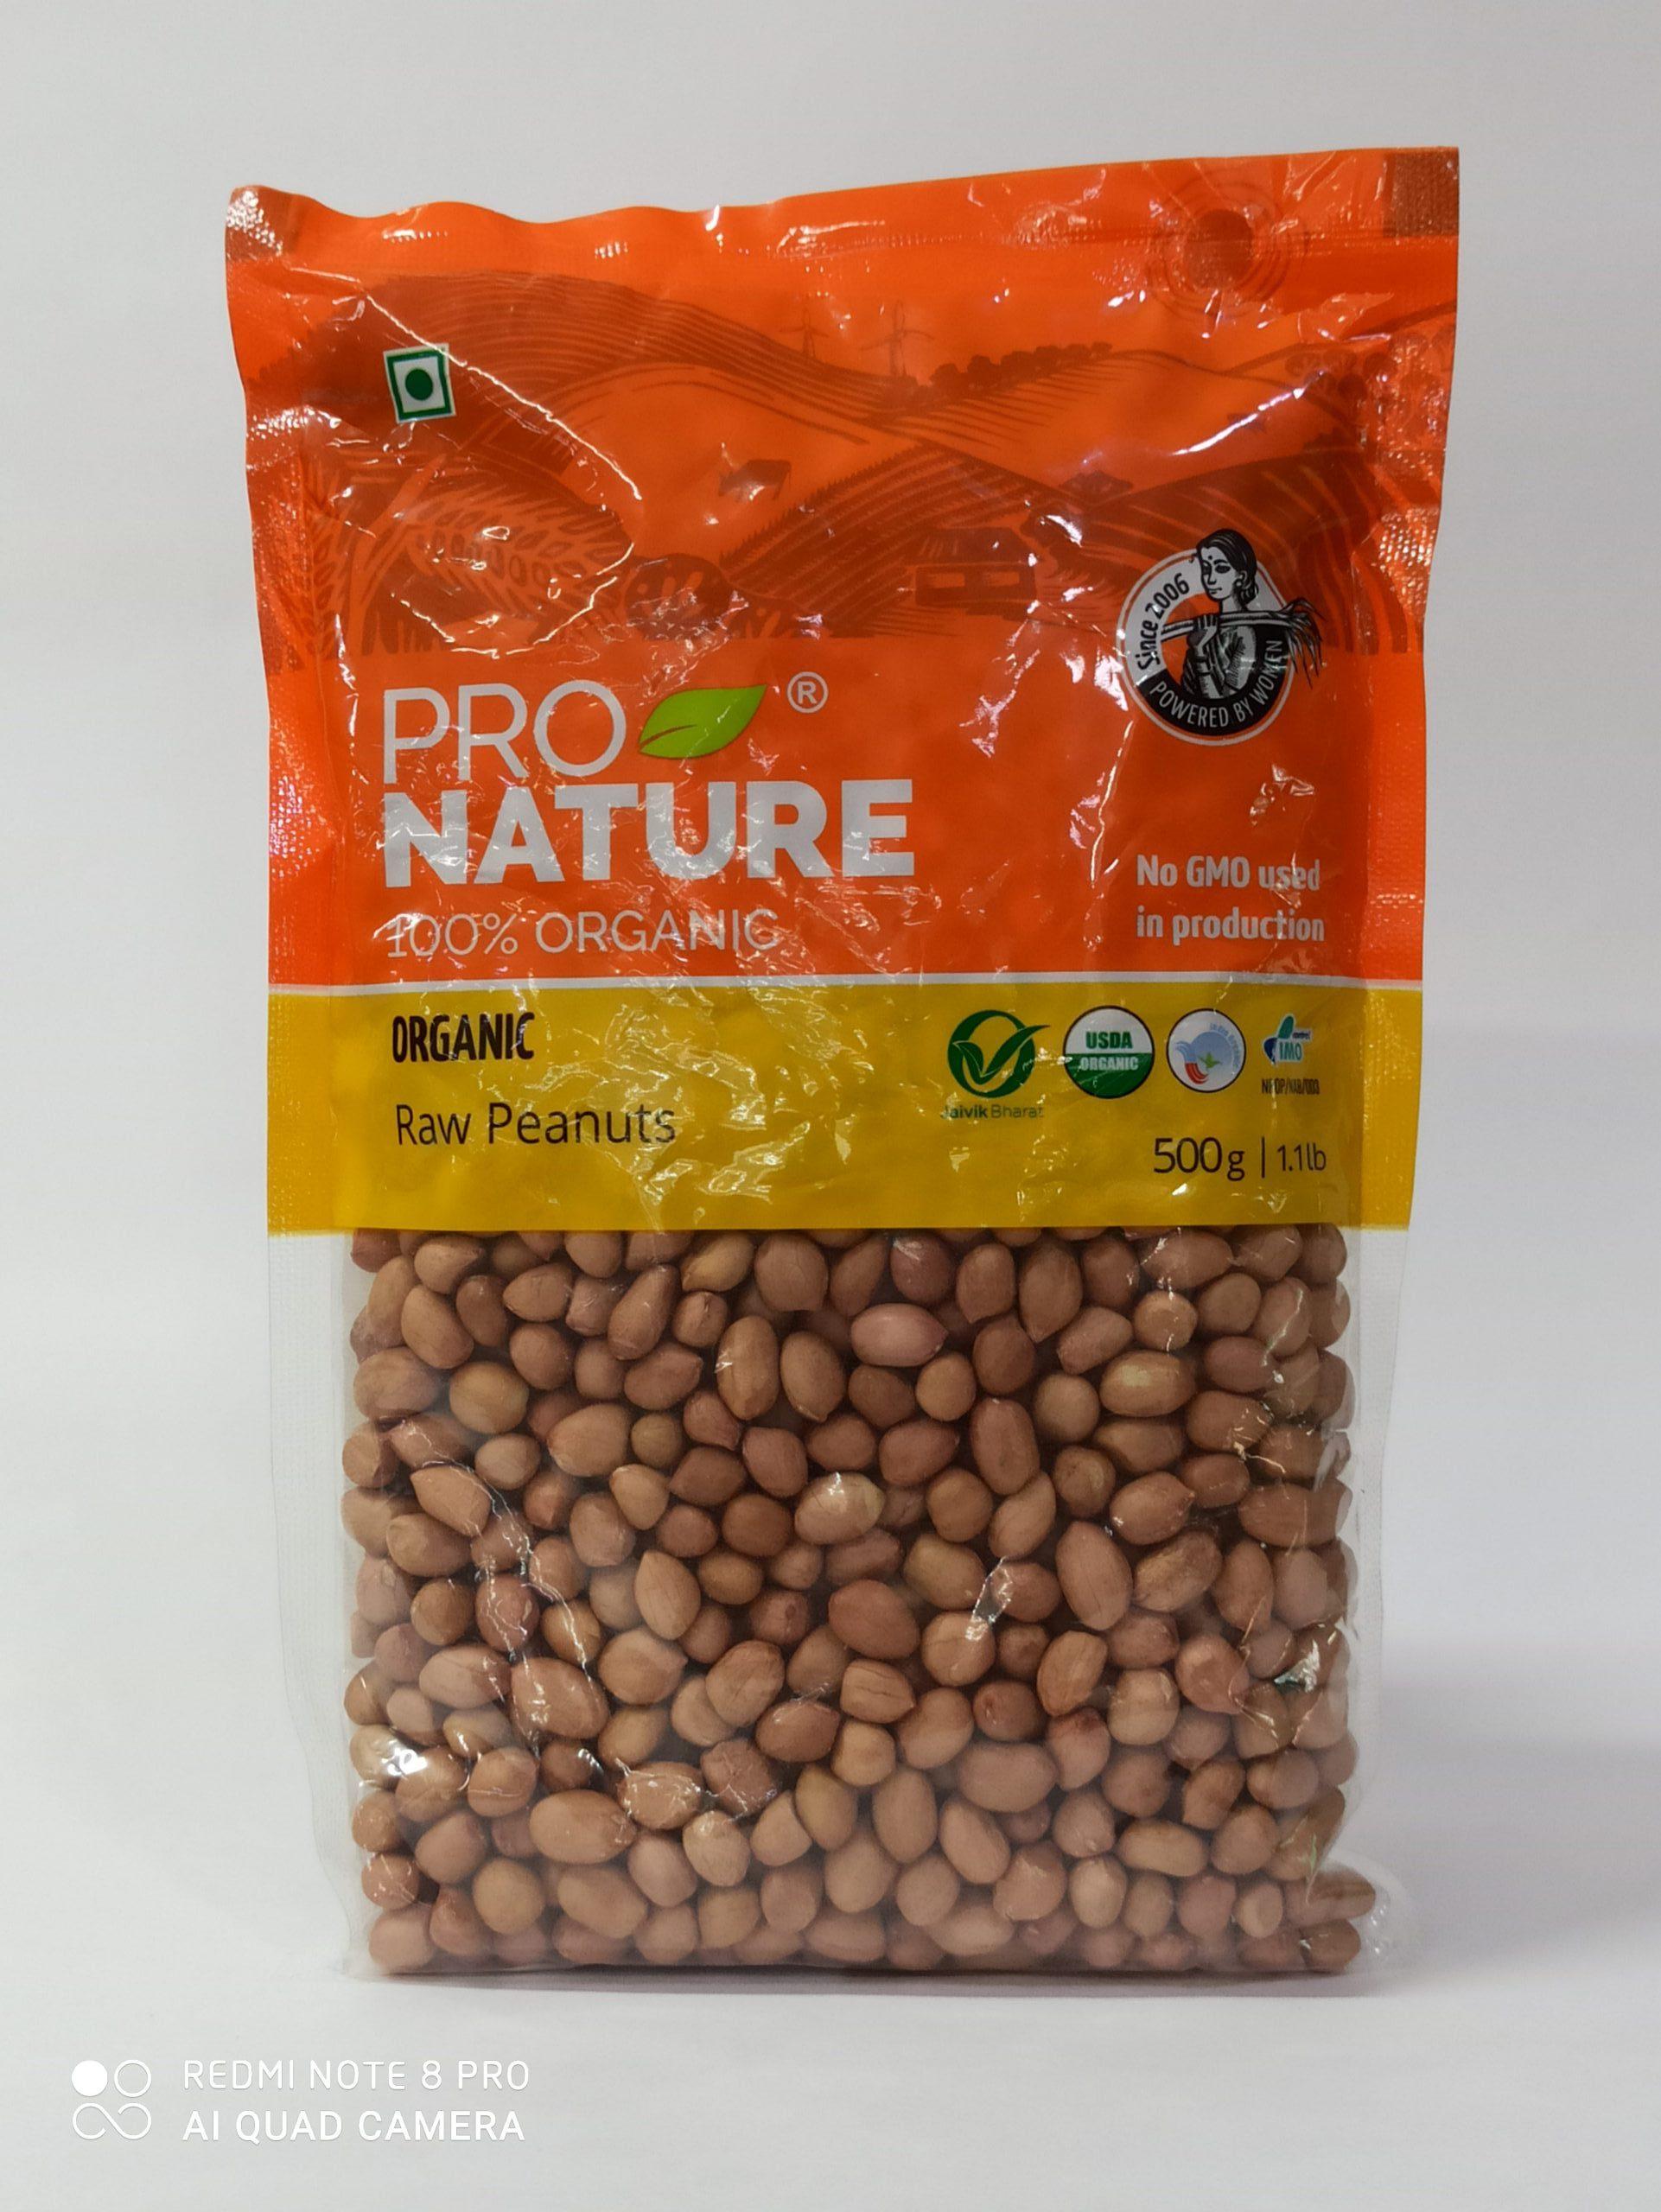 PRO NATURE RAW PEANUTS 500GM